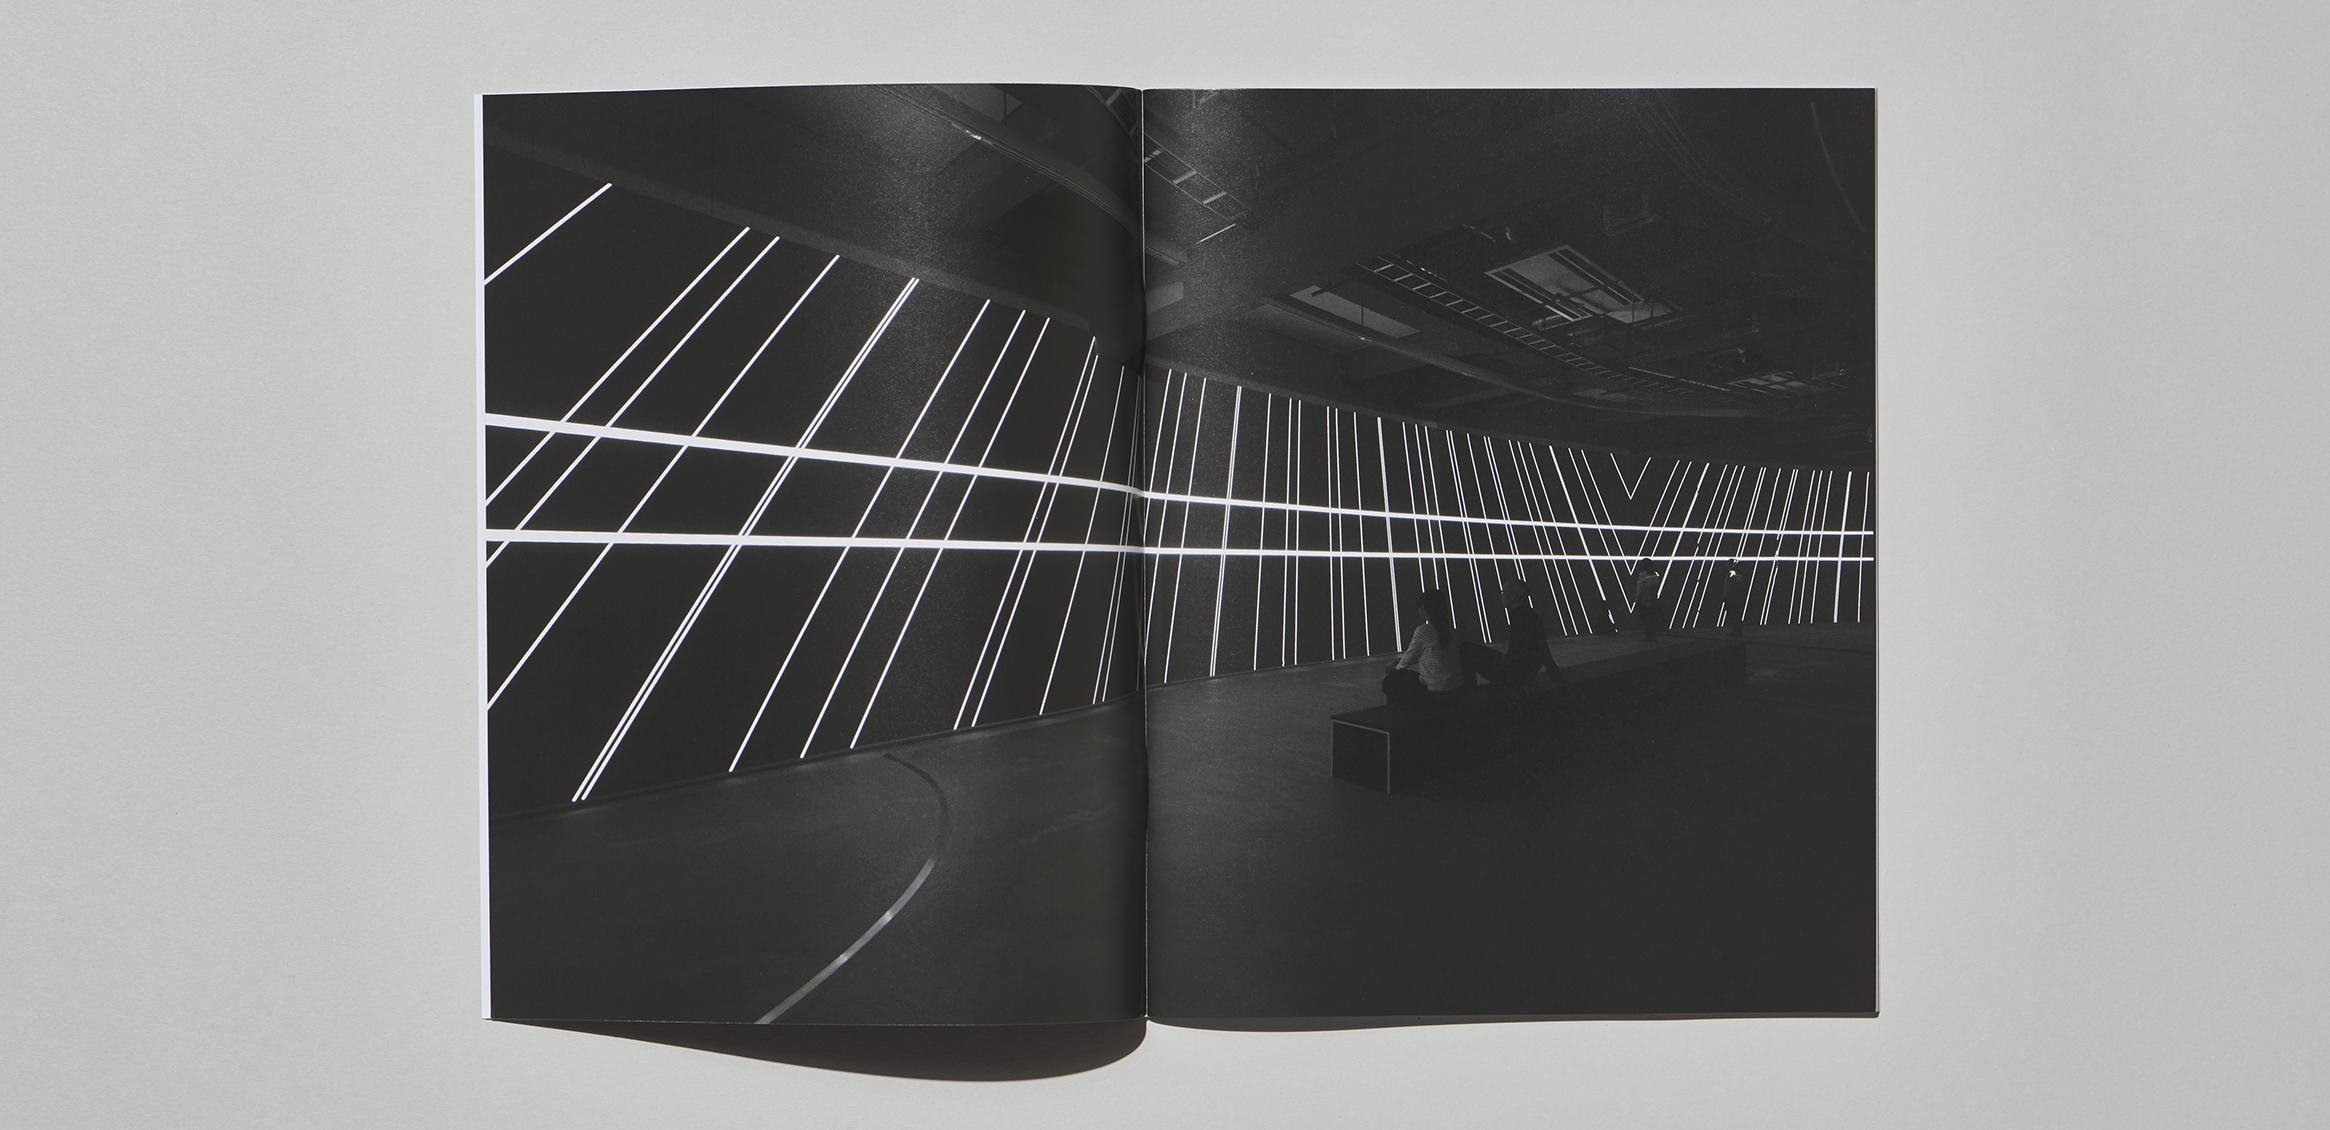 《Carsten Nicolai: Parallax》运用到展会产品目录2枚目